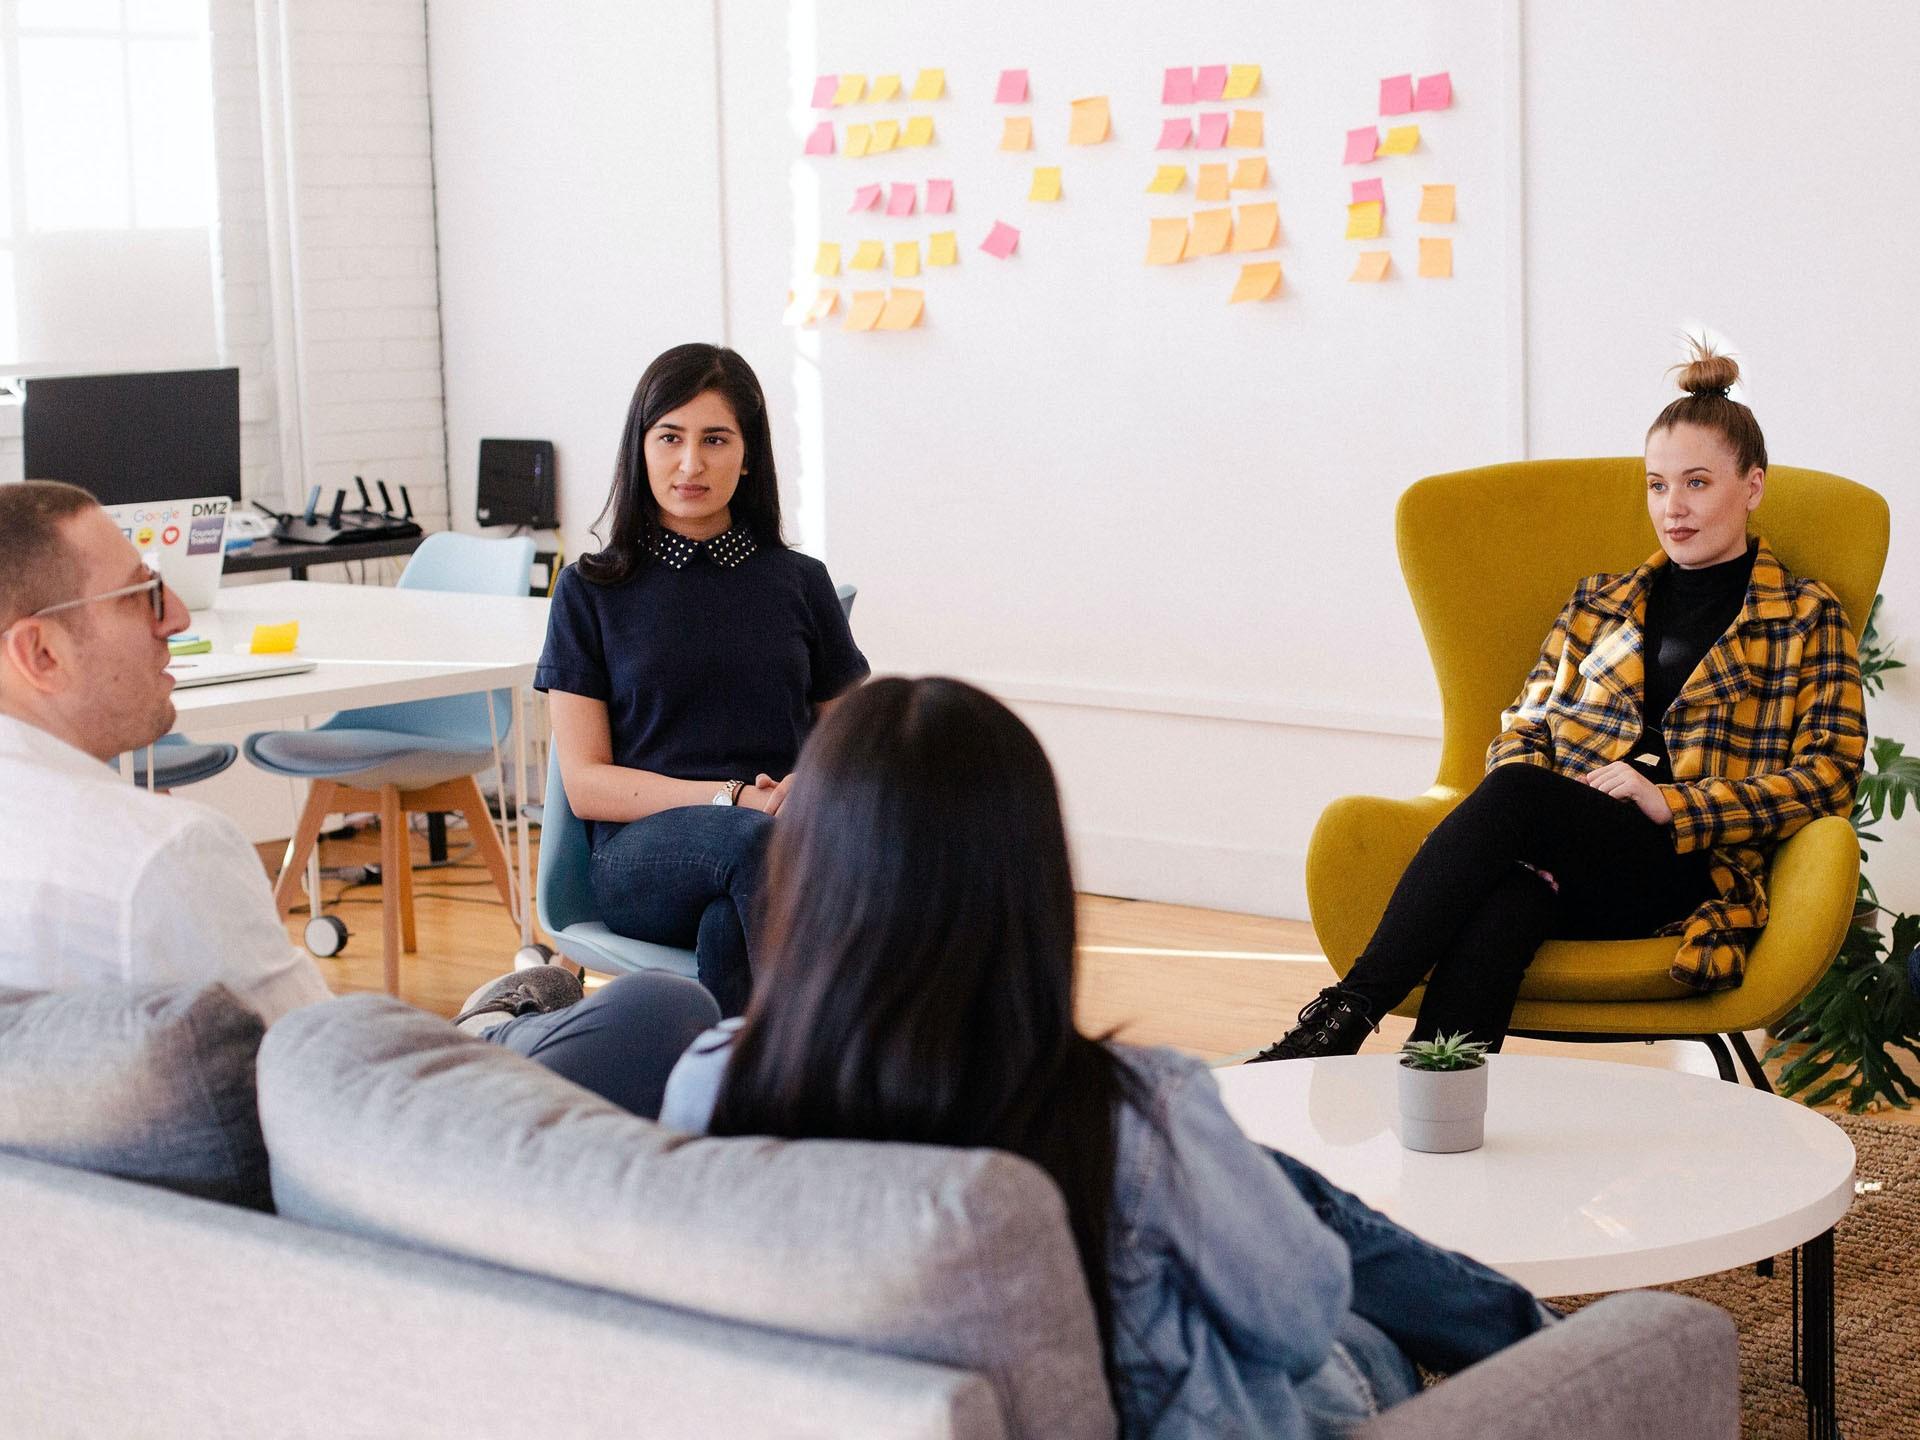 Обучающий курс «Директор по маркетингу» от АвтоБосс и Авито Авто: итоги первого потока обучения и новый конкурсный отбор